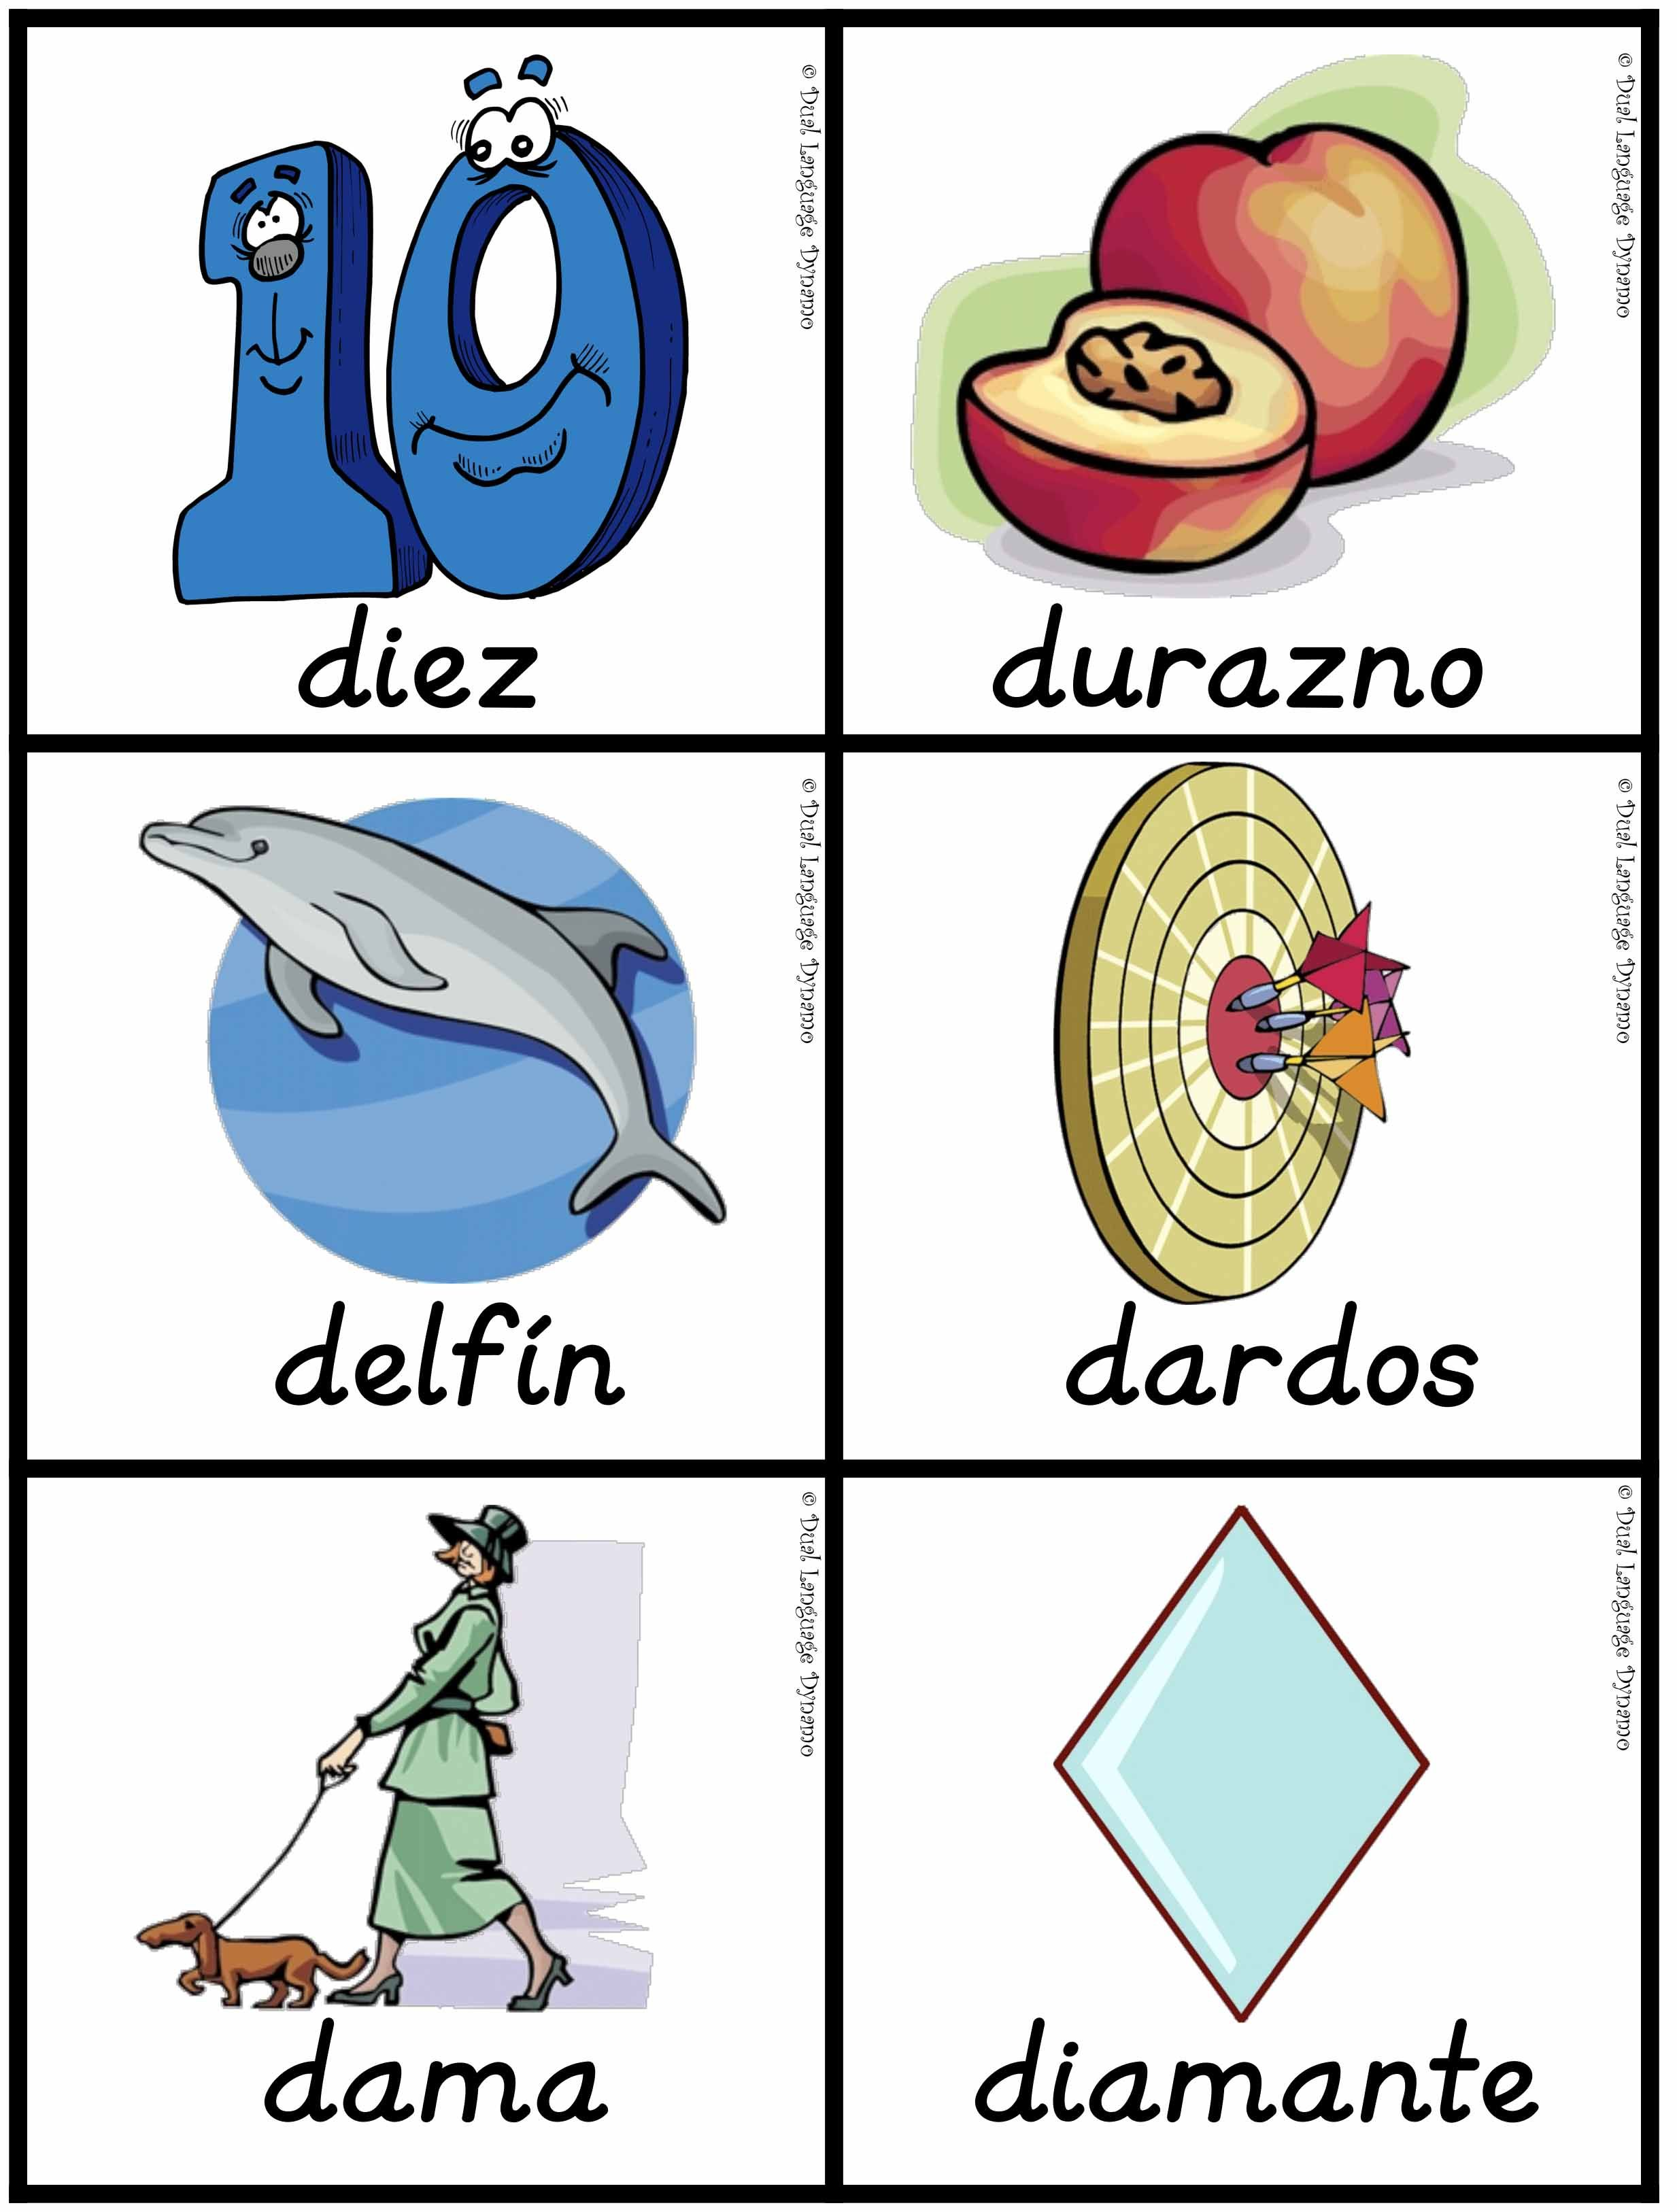 Resultado De Imagen Para Palabras Que Inicien Con Da De Di Do Du Minuscula Comics Disney Characters Fictional Characters